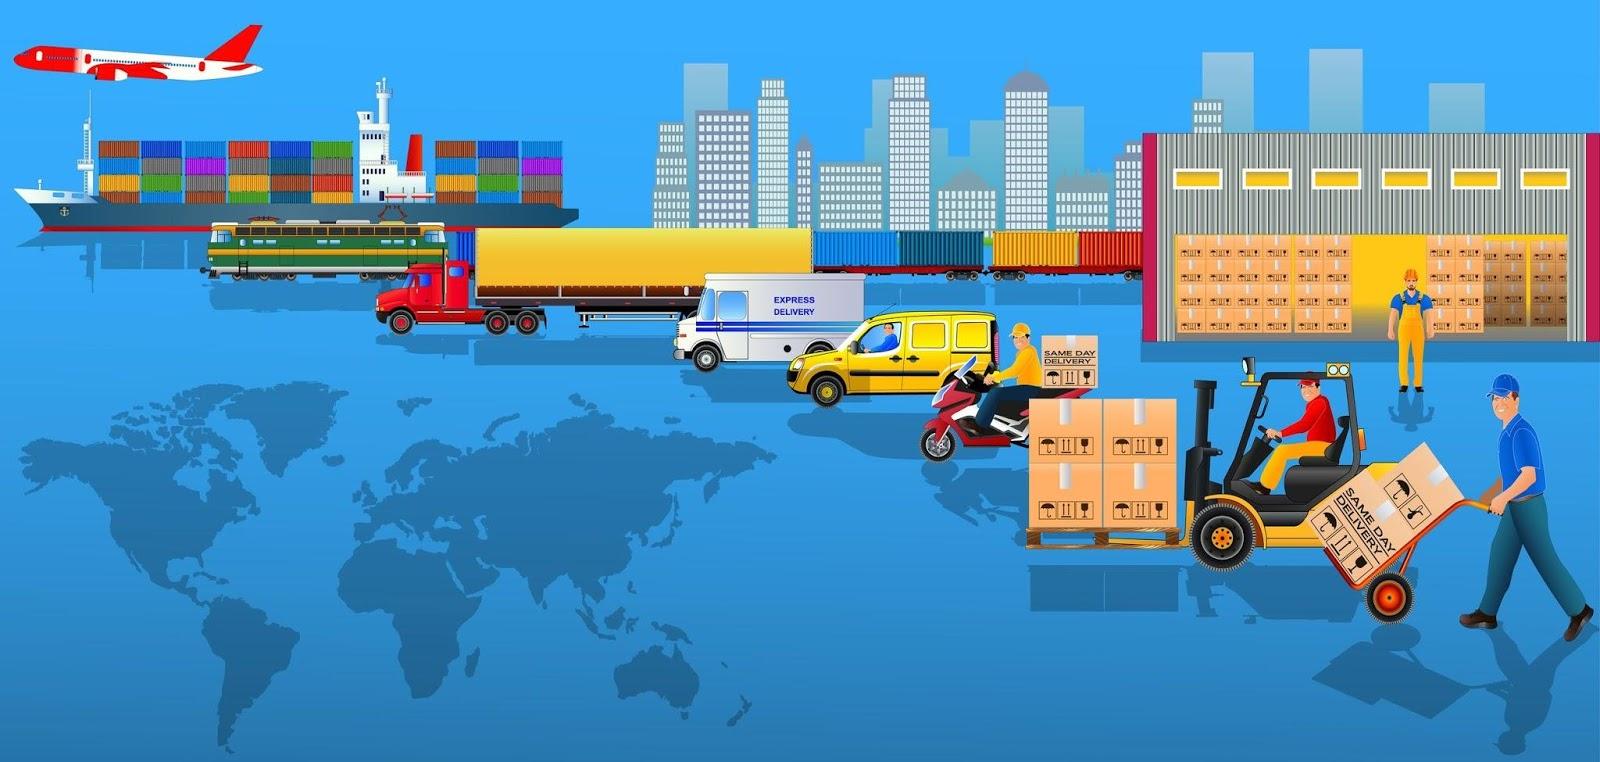 gửi chuyển phát nhanh ở đâu TPHCM - đơn vị giao hàng nhanh